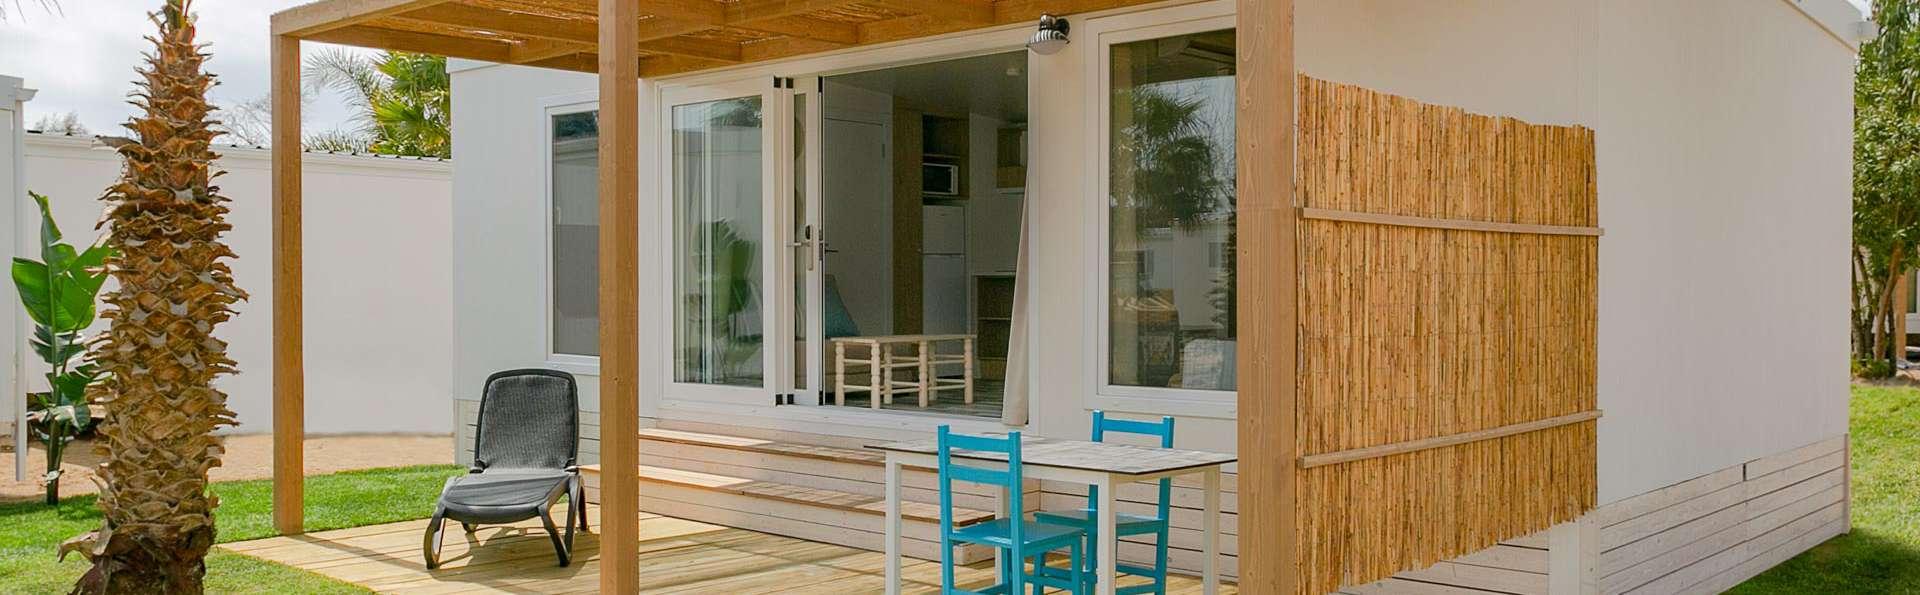 Resort avec piscines, animation et activités en bungalow Mykonos à Miami Platja